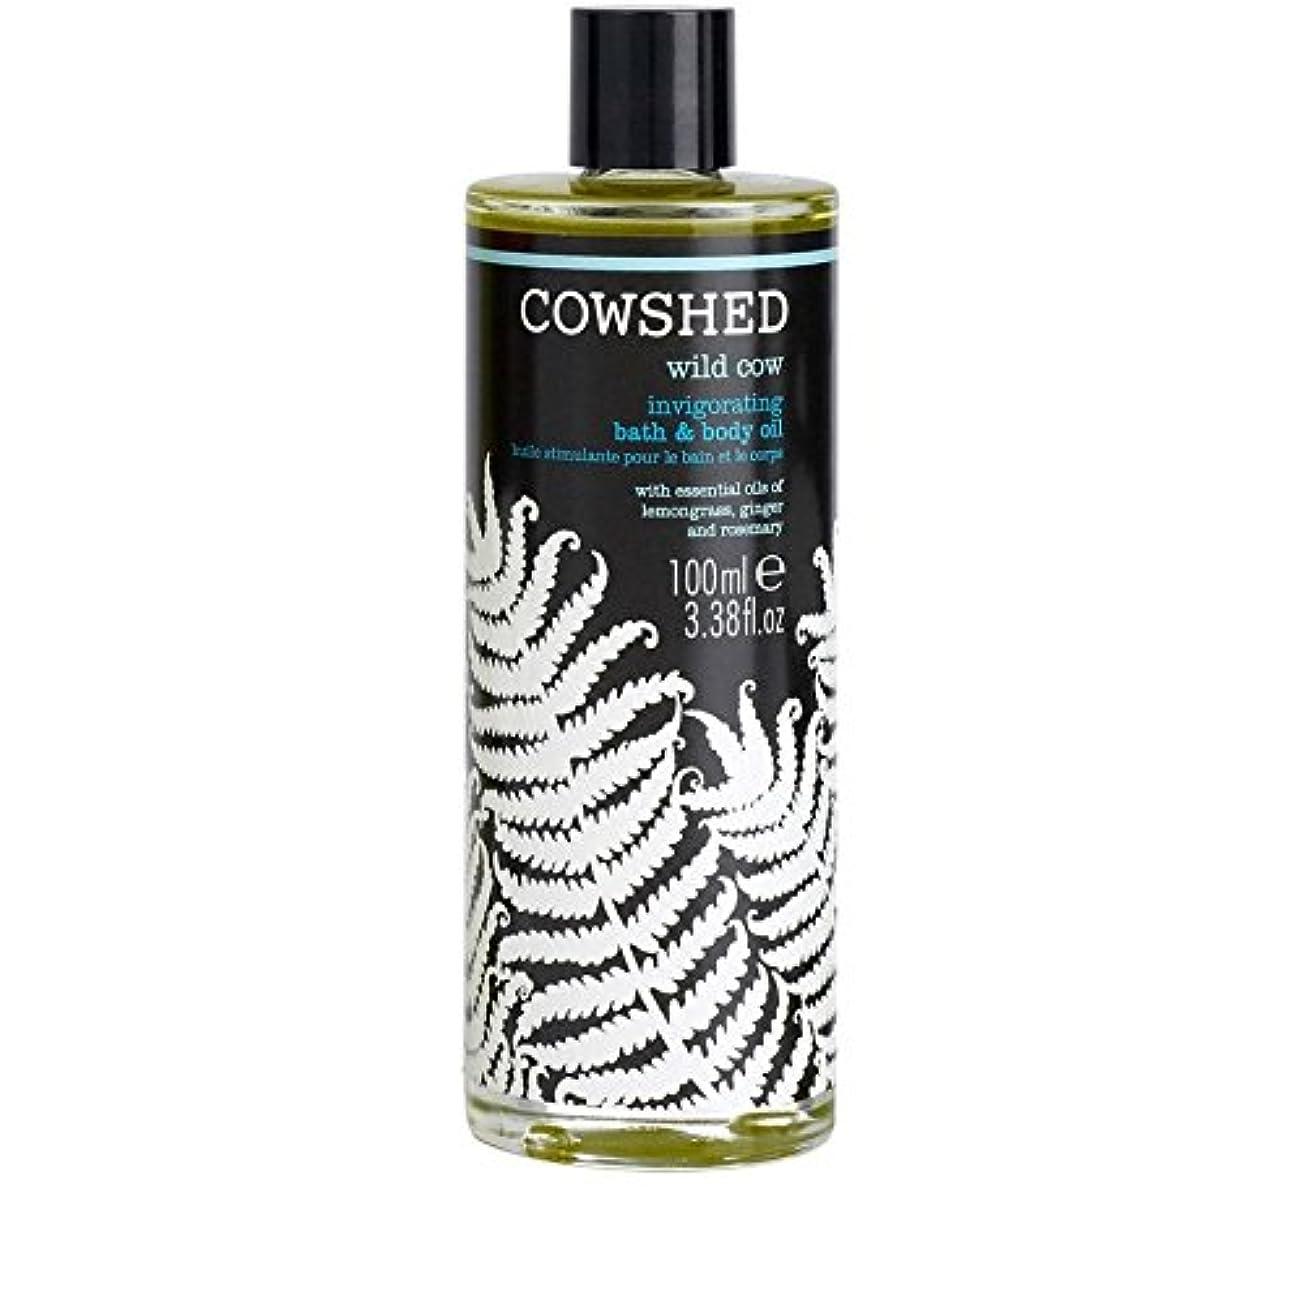 ルネッサンス通行料金腐敗Cowshed Wild Cow Invigorating Bath and Body Oil 100ml - 牛舎野生牛爽快バス、ボディオイル100ミリリットル [並行輸入品]